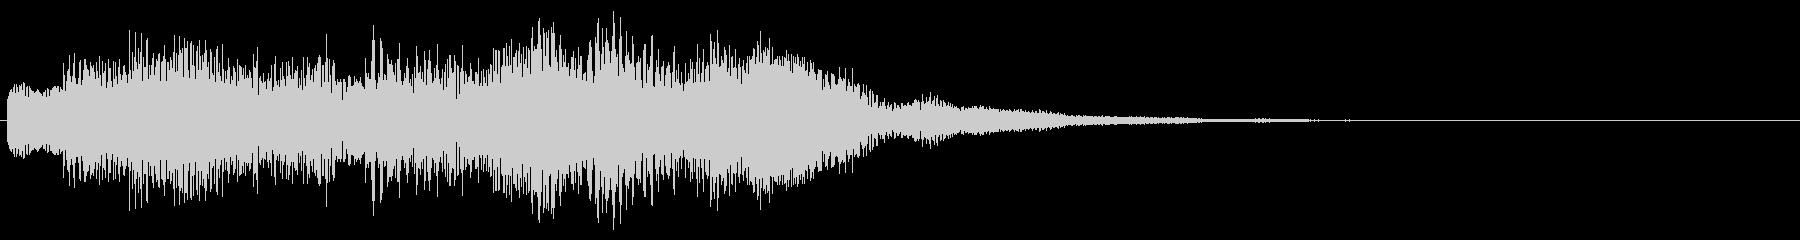 お知らせ タイトル 上昇 ロゴ音6の未再生の波形